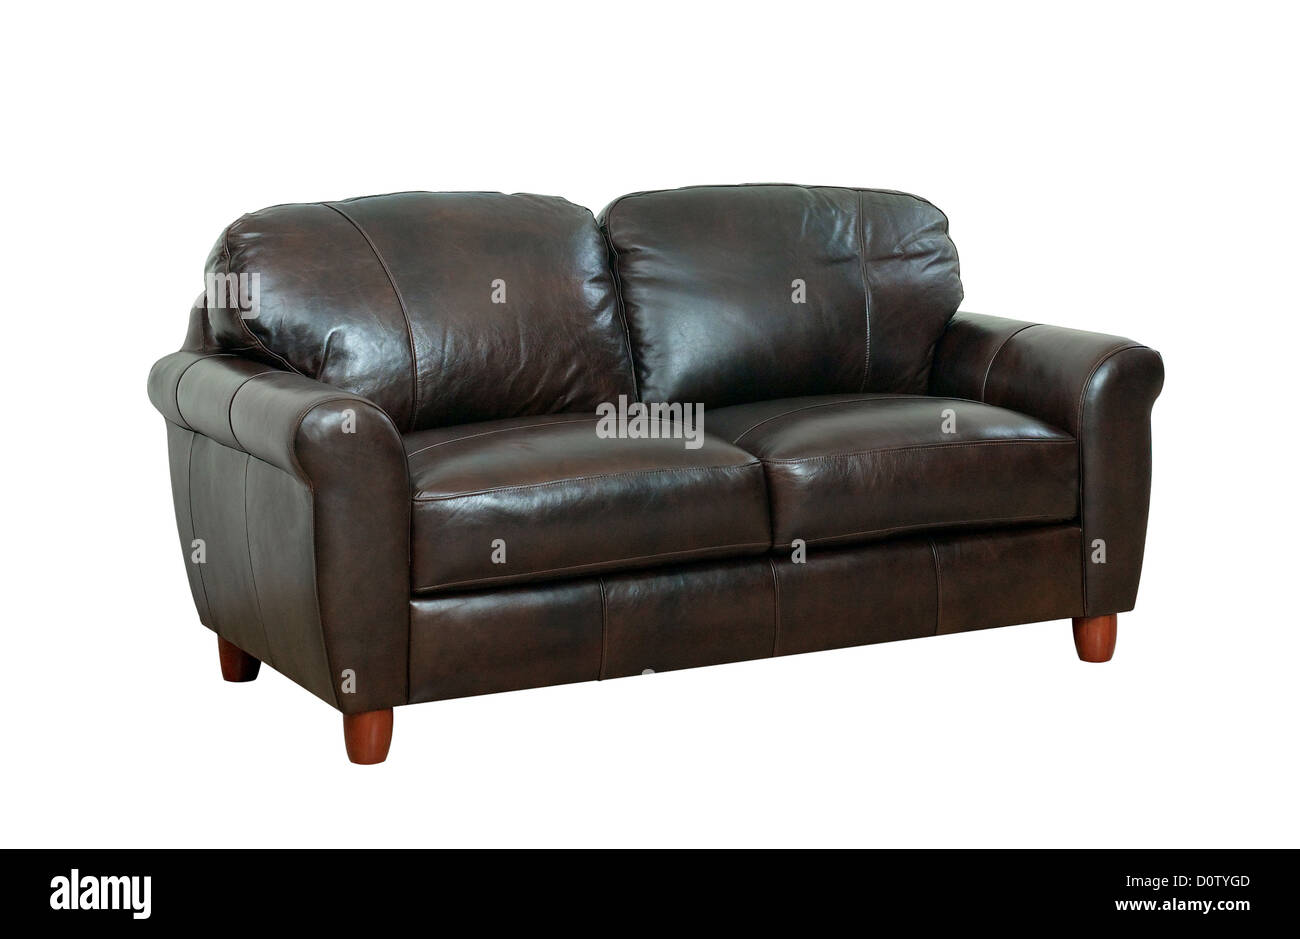 Los lujosos sofás de cuero marrón oscuro mejor para hoteles de lujo o casas Imagen De Stock